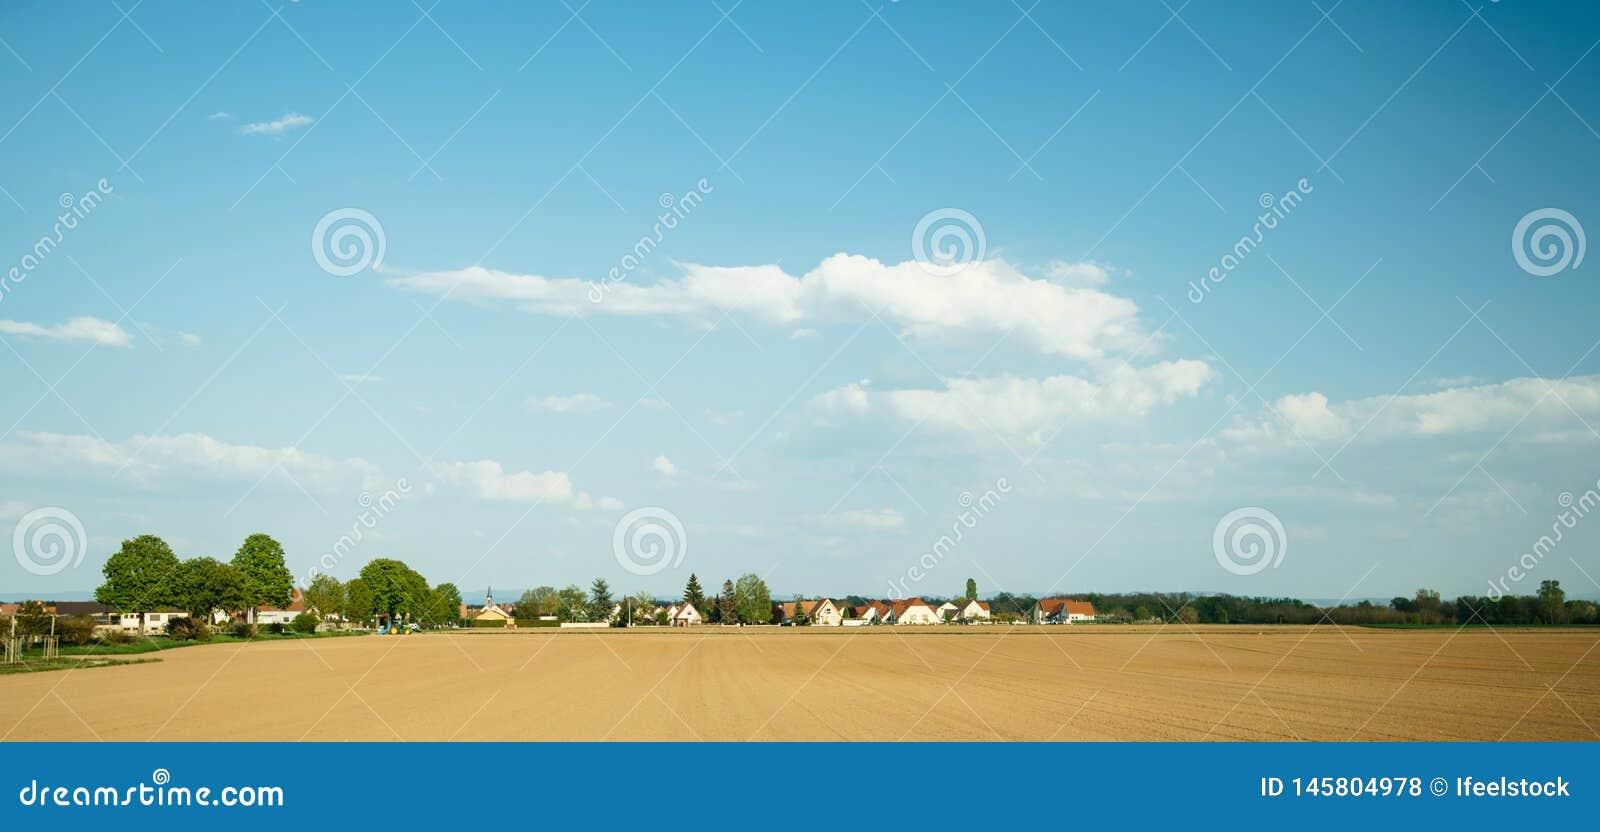 Villaggio francese tipico con le case multiple,